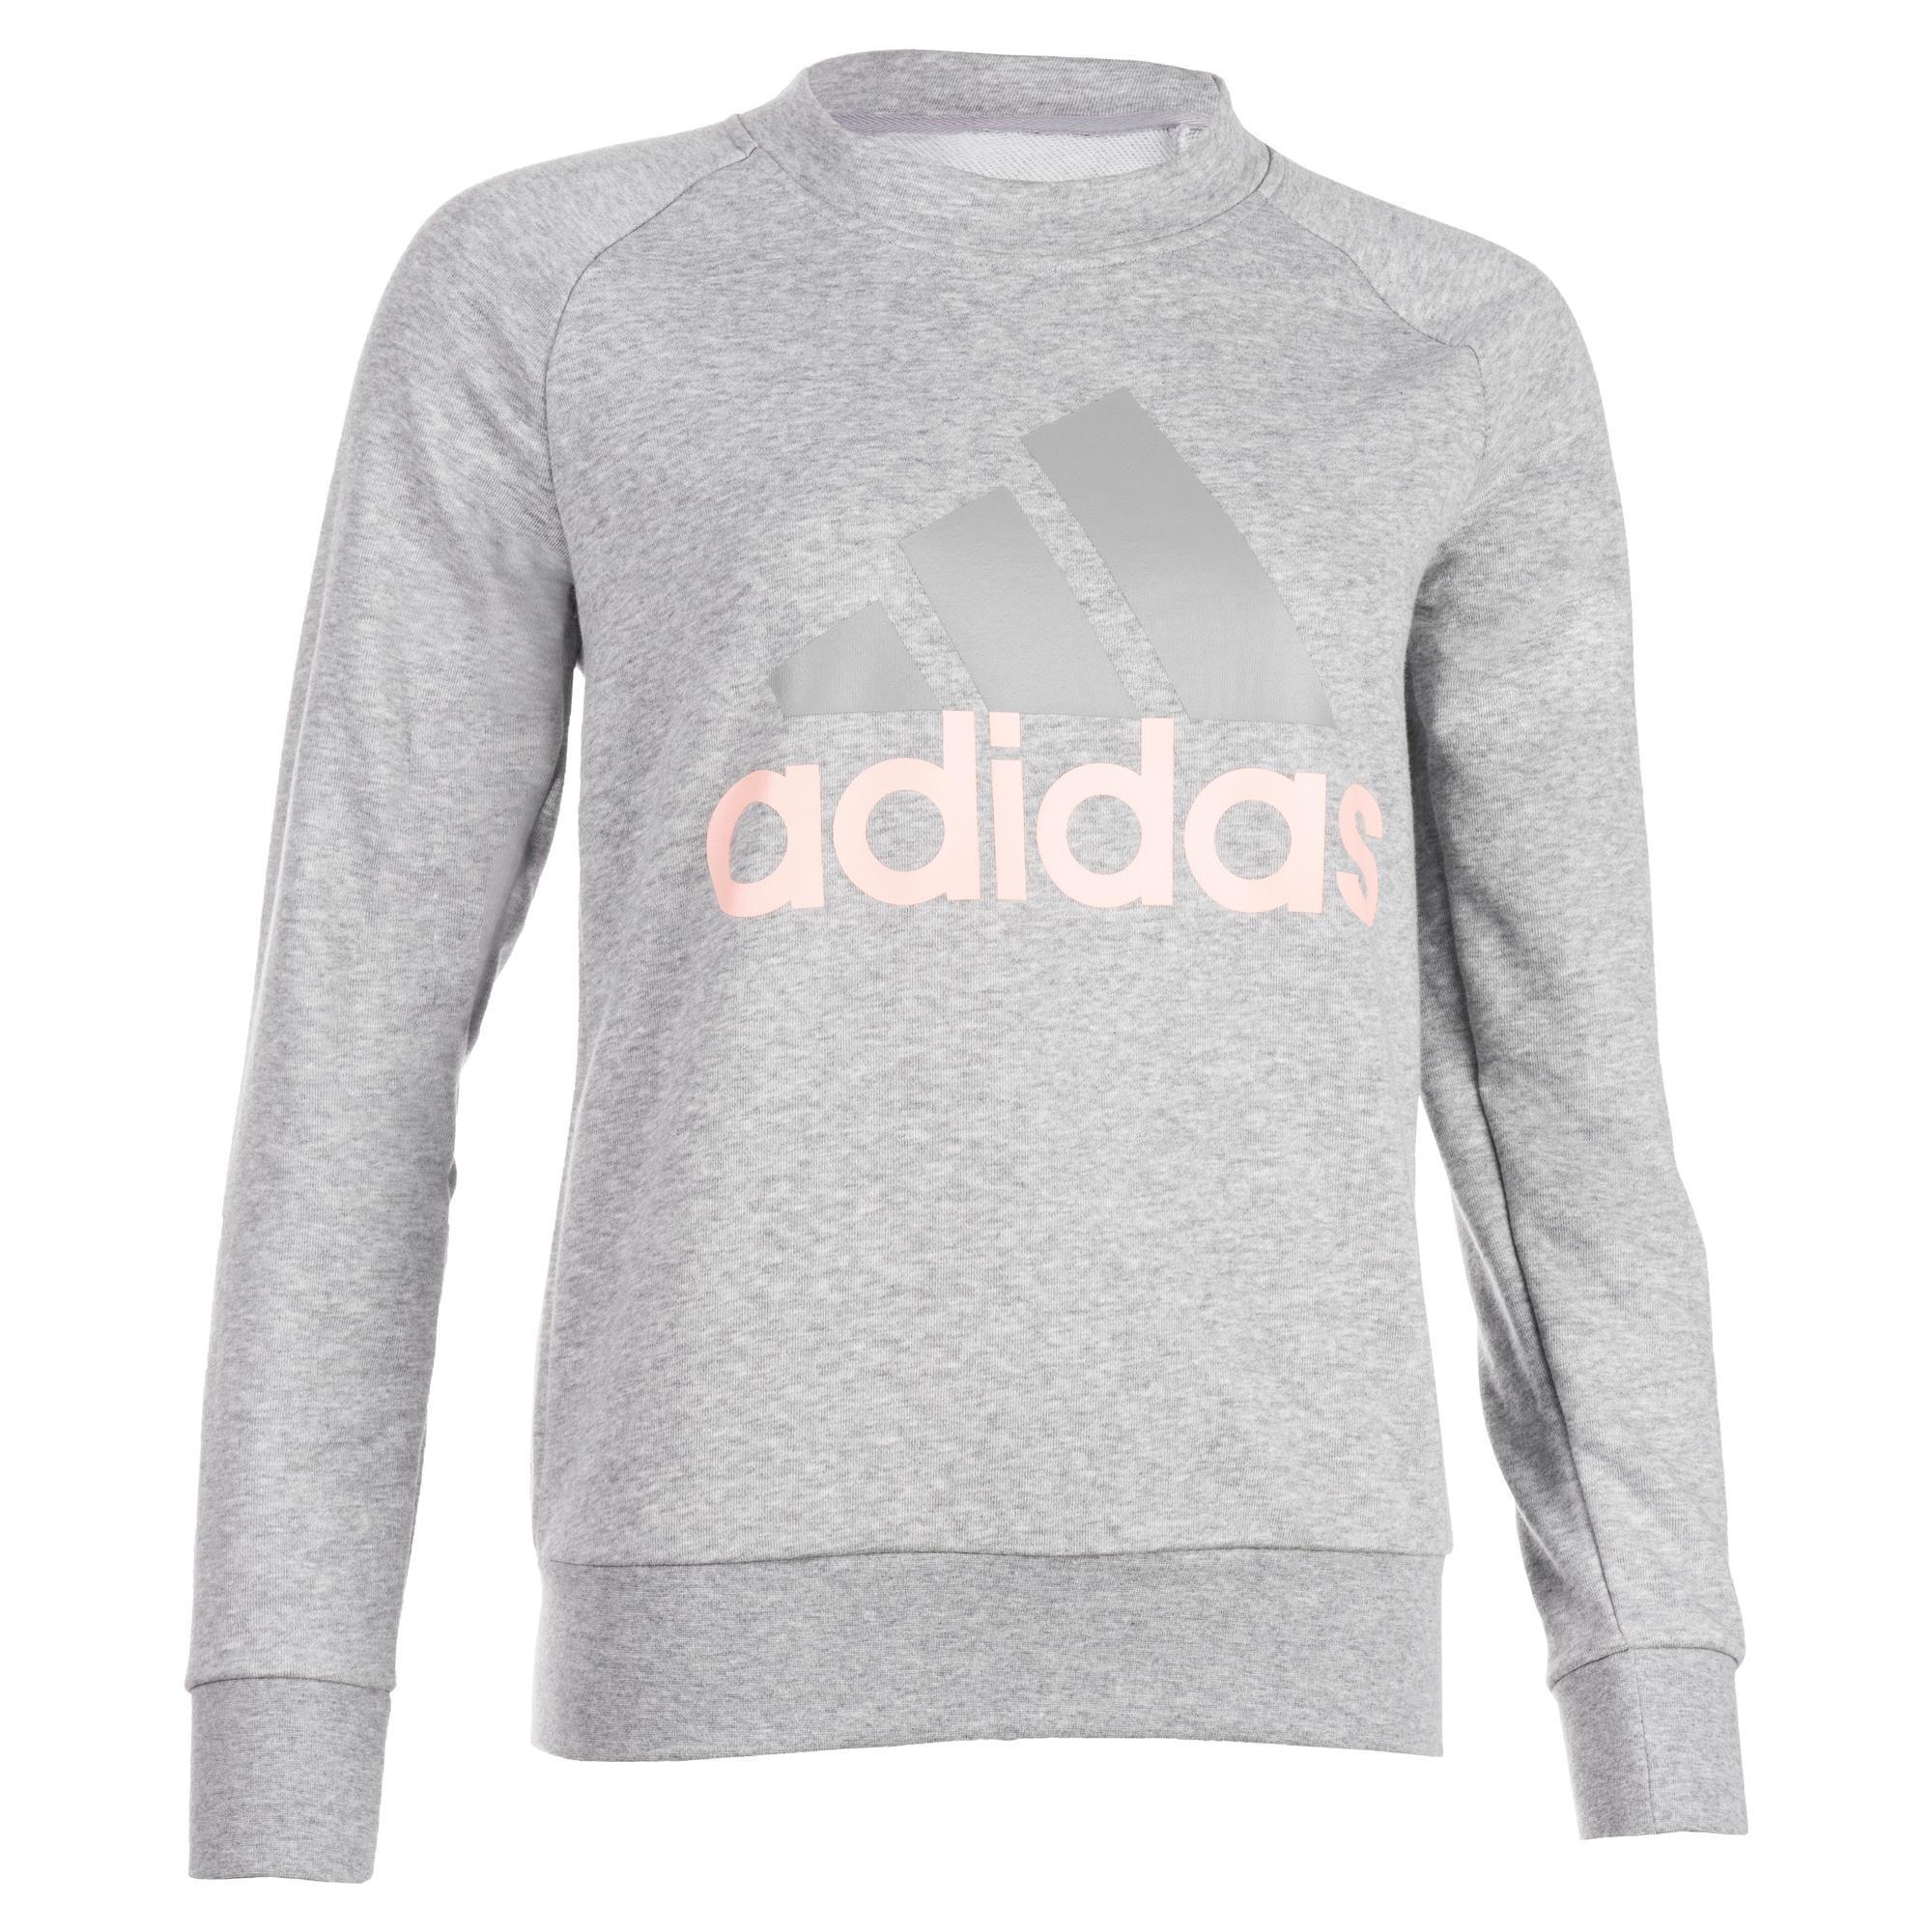 88b9a273f1f Adidas Dames sweater Adidas 500 voor gym en stretching grijs kopen met  voordeel